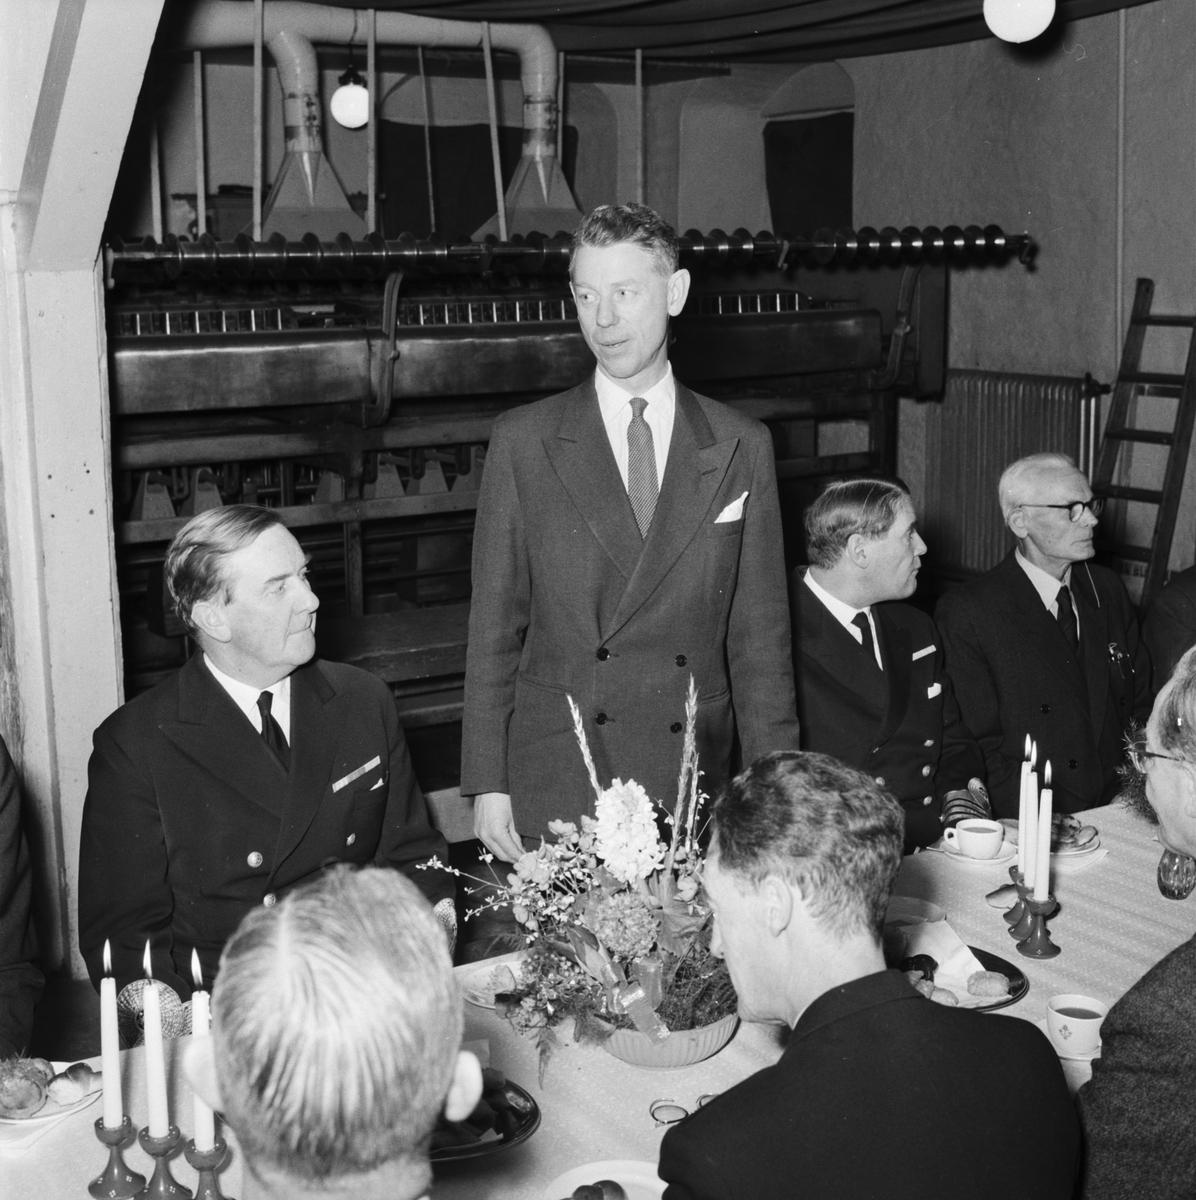 Övrigt: Foto datum: 31/12 1960 Byggnader och kranar Repslagarebanan sista tampen interiör vid kaffebordet